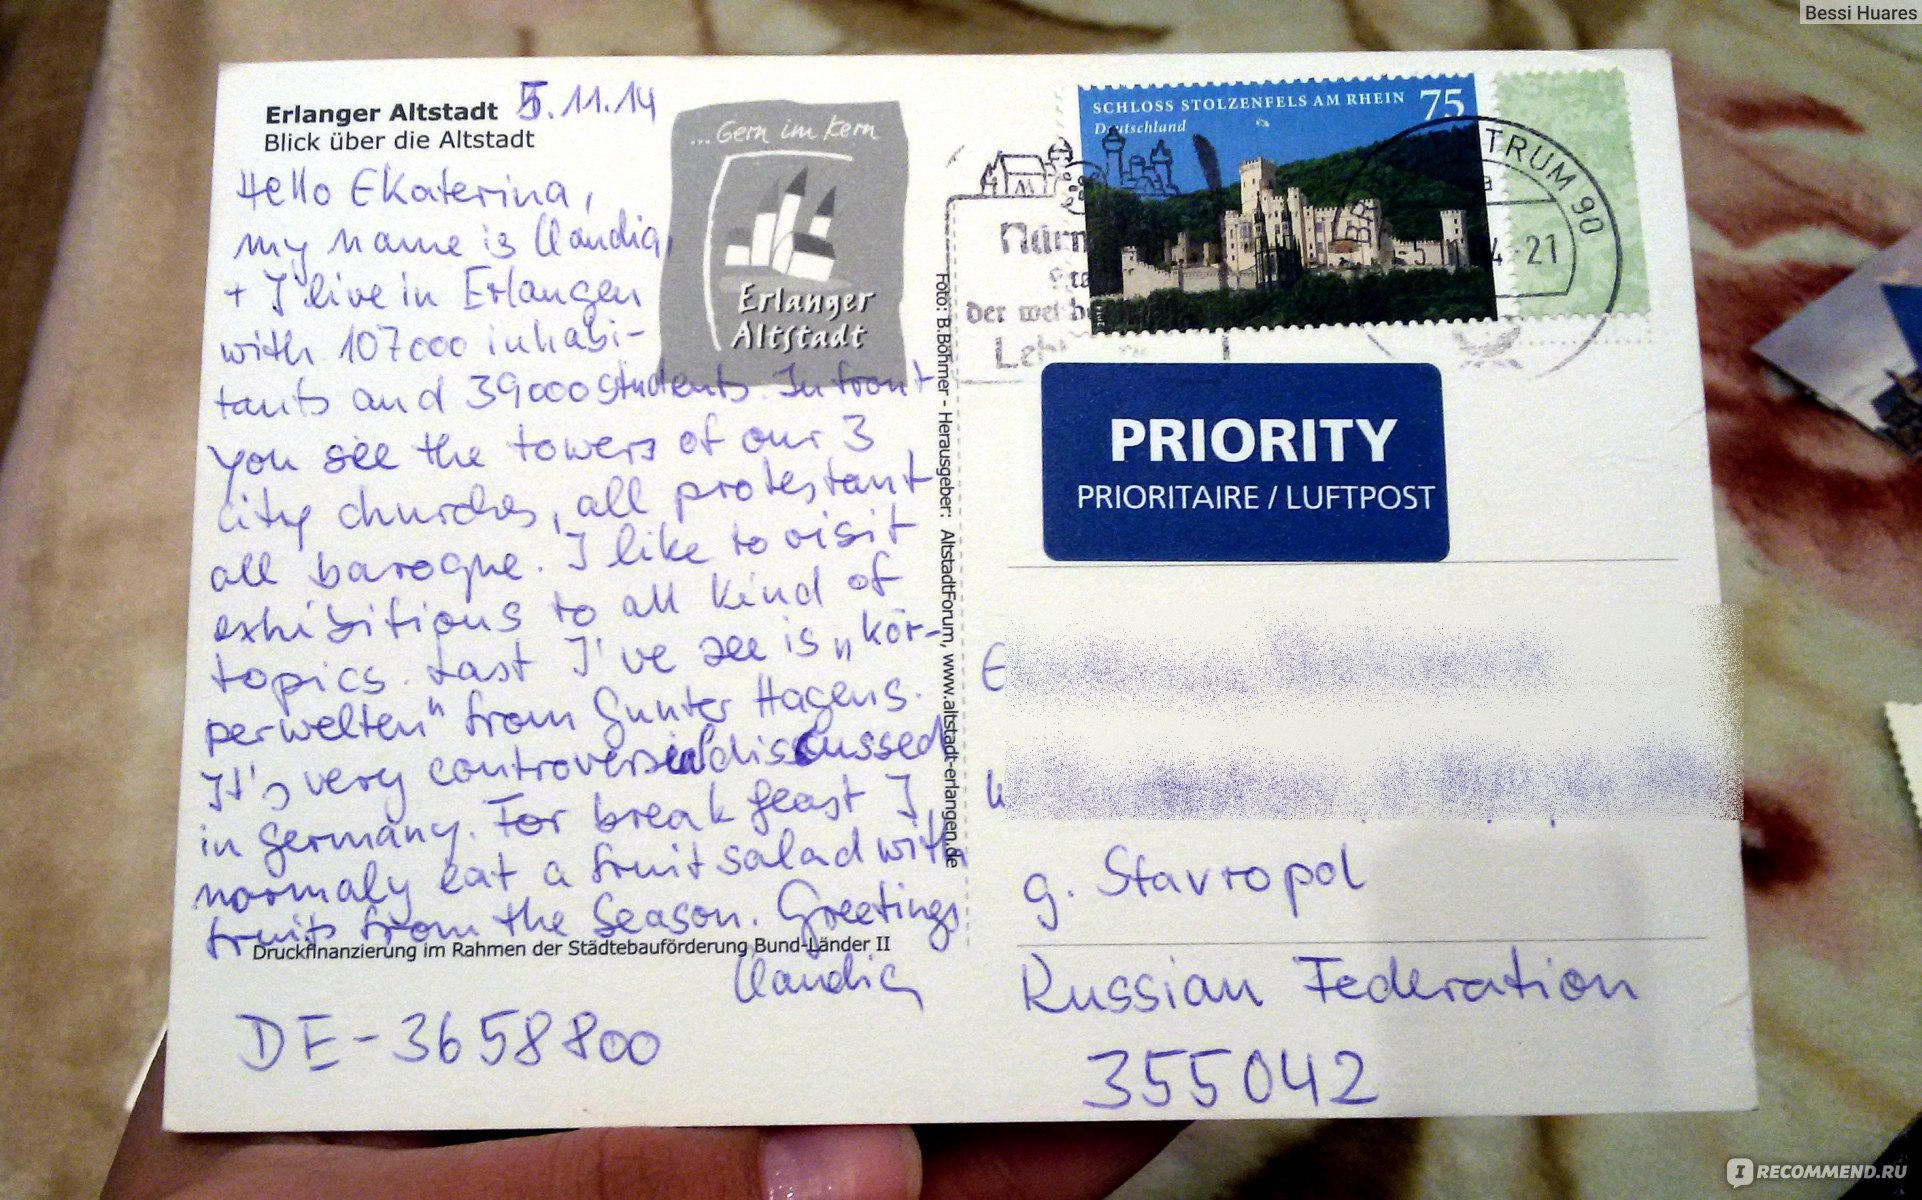 Отца, посткроссинг послать открытку